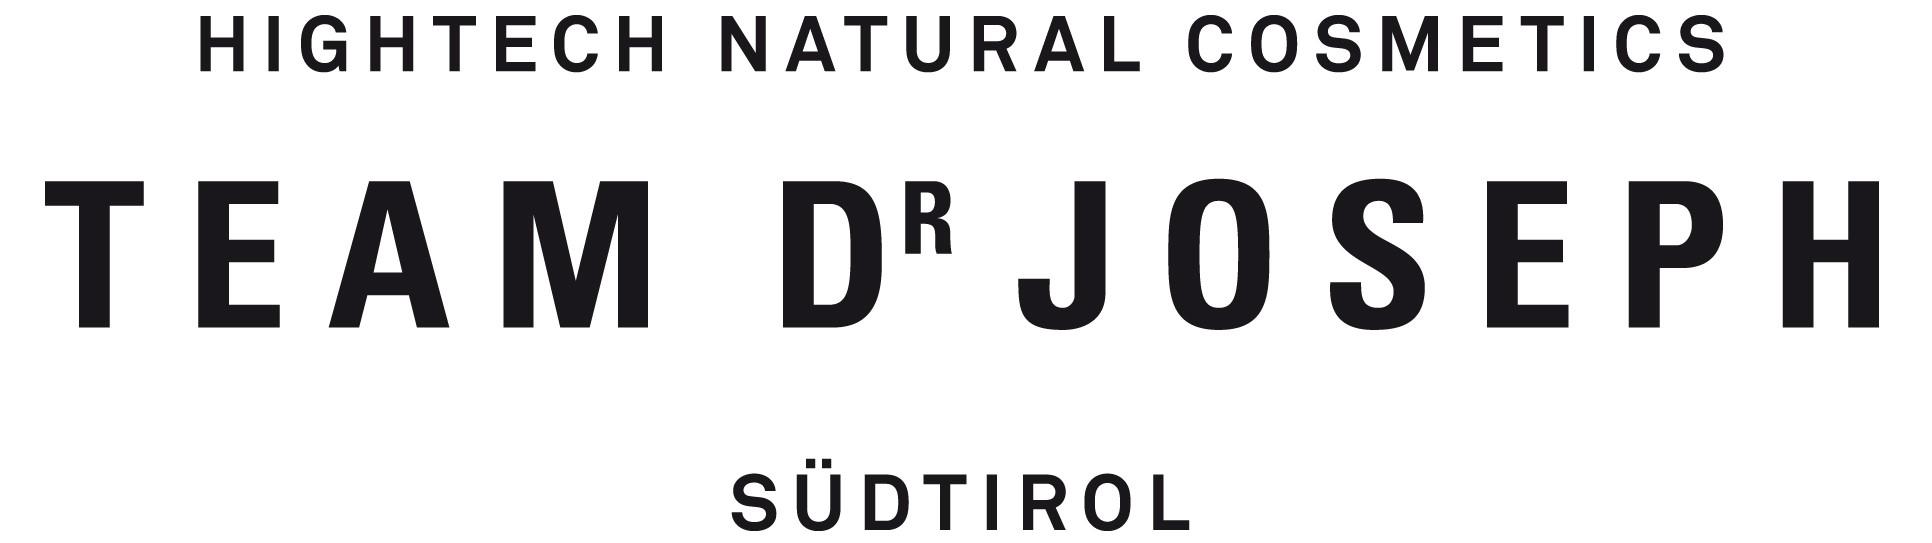 TEAM DR JOSEPH – Hightech Natural Cosmetics